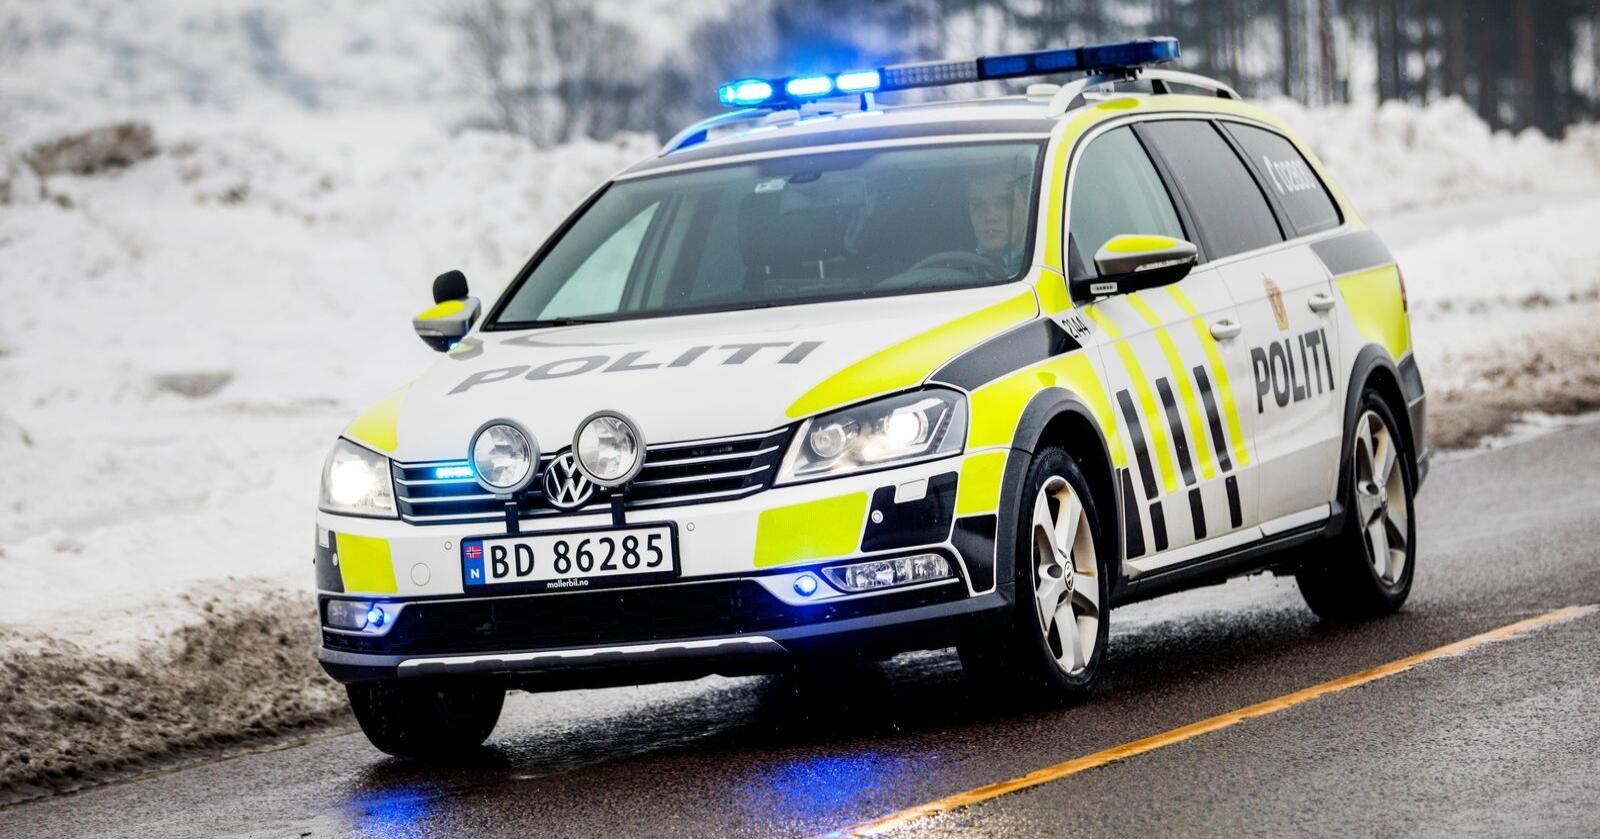 Politiet innfridde de nasjonale kravene til responstid i fjor. Illustrasjonsfoto: Gorm Kallestad / NTB